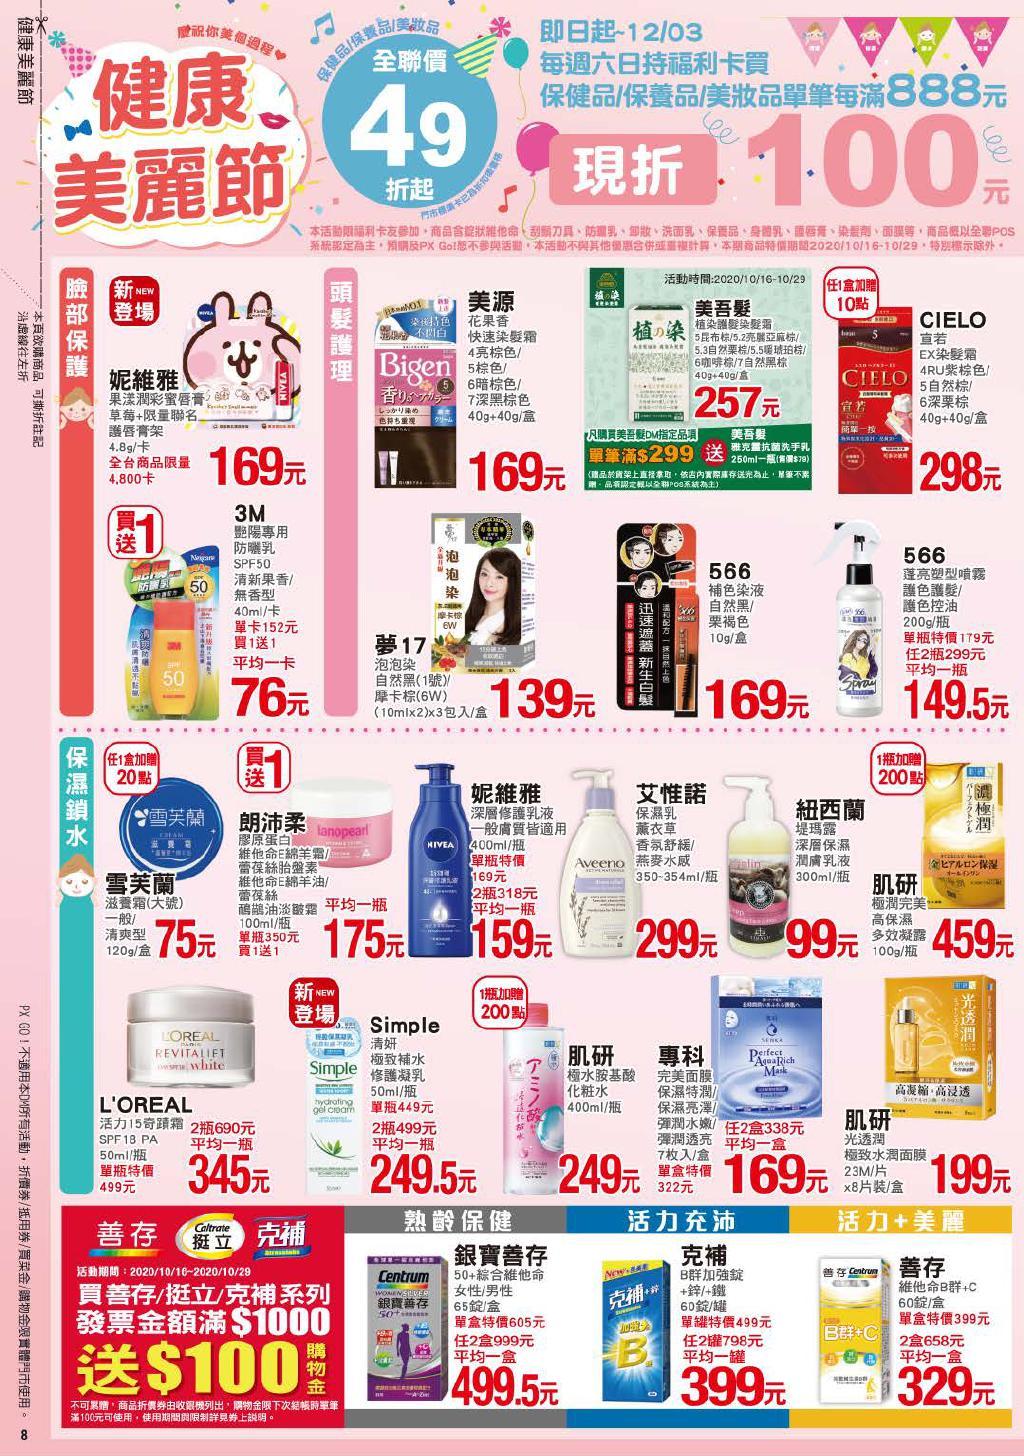 pxmart20201029_000008.jpg